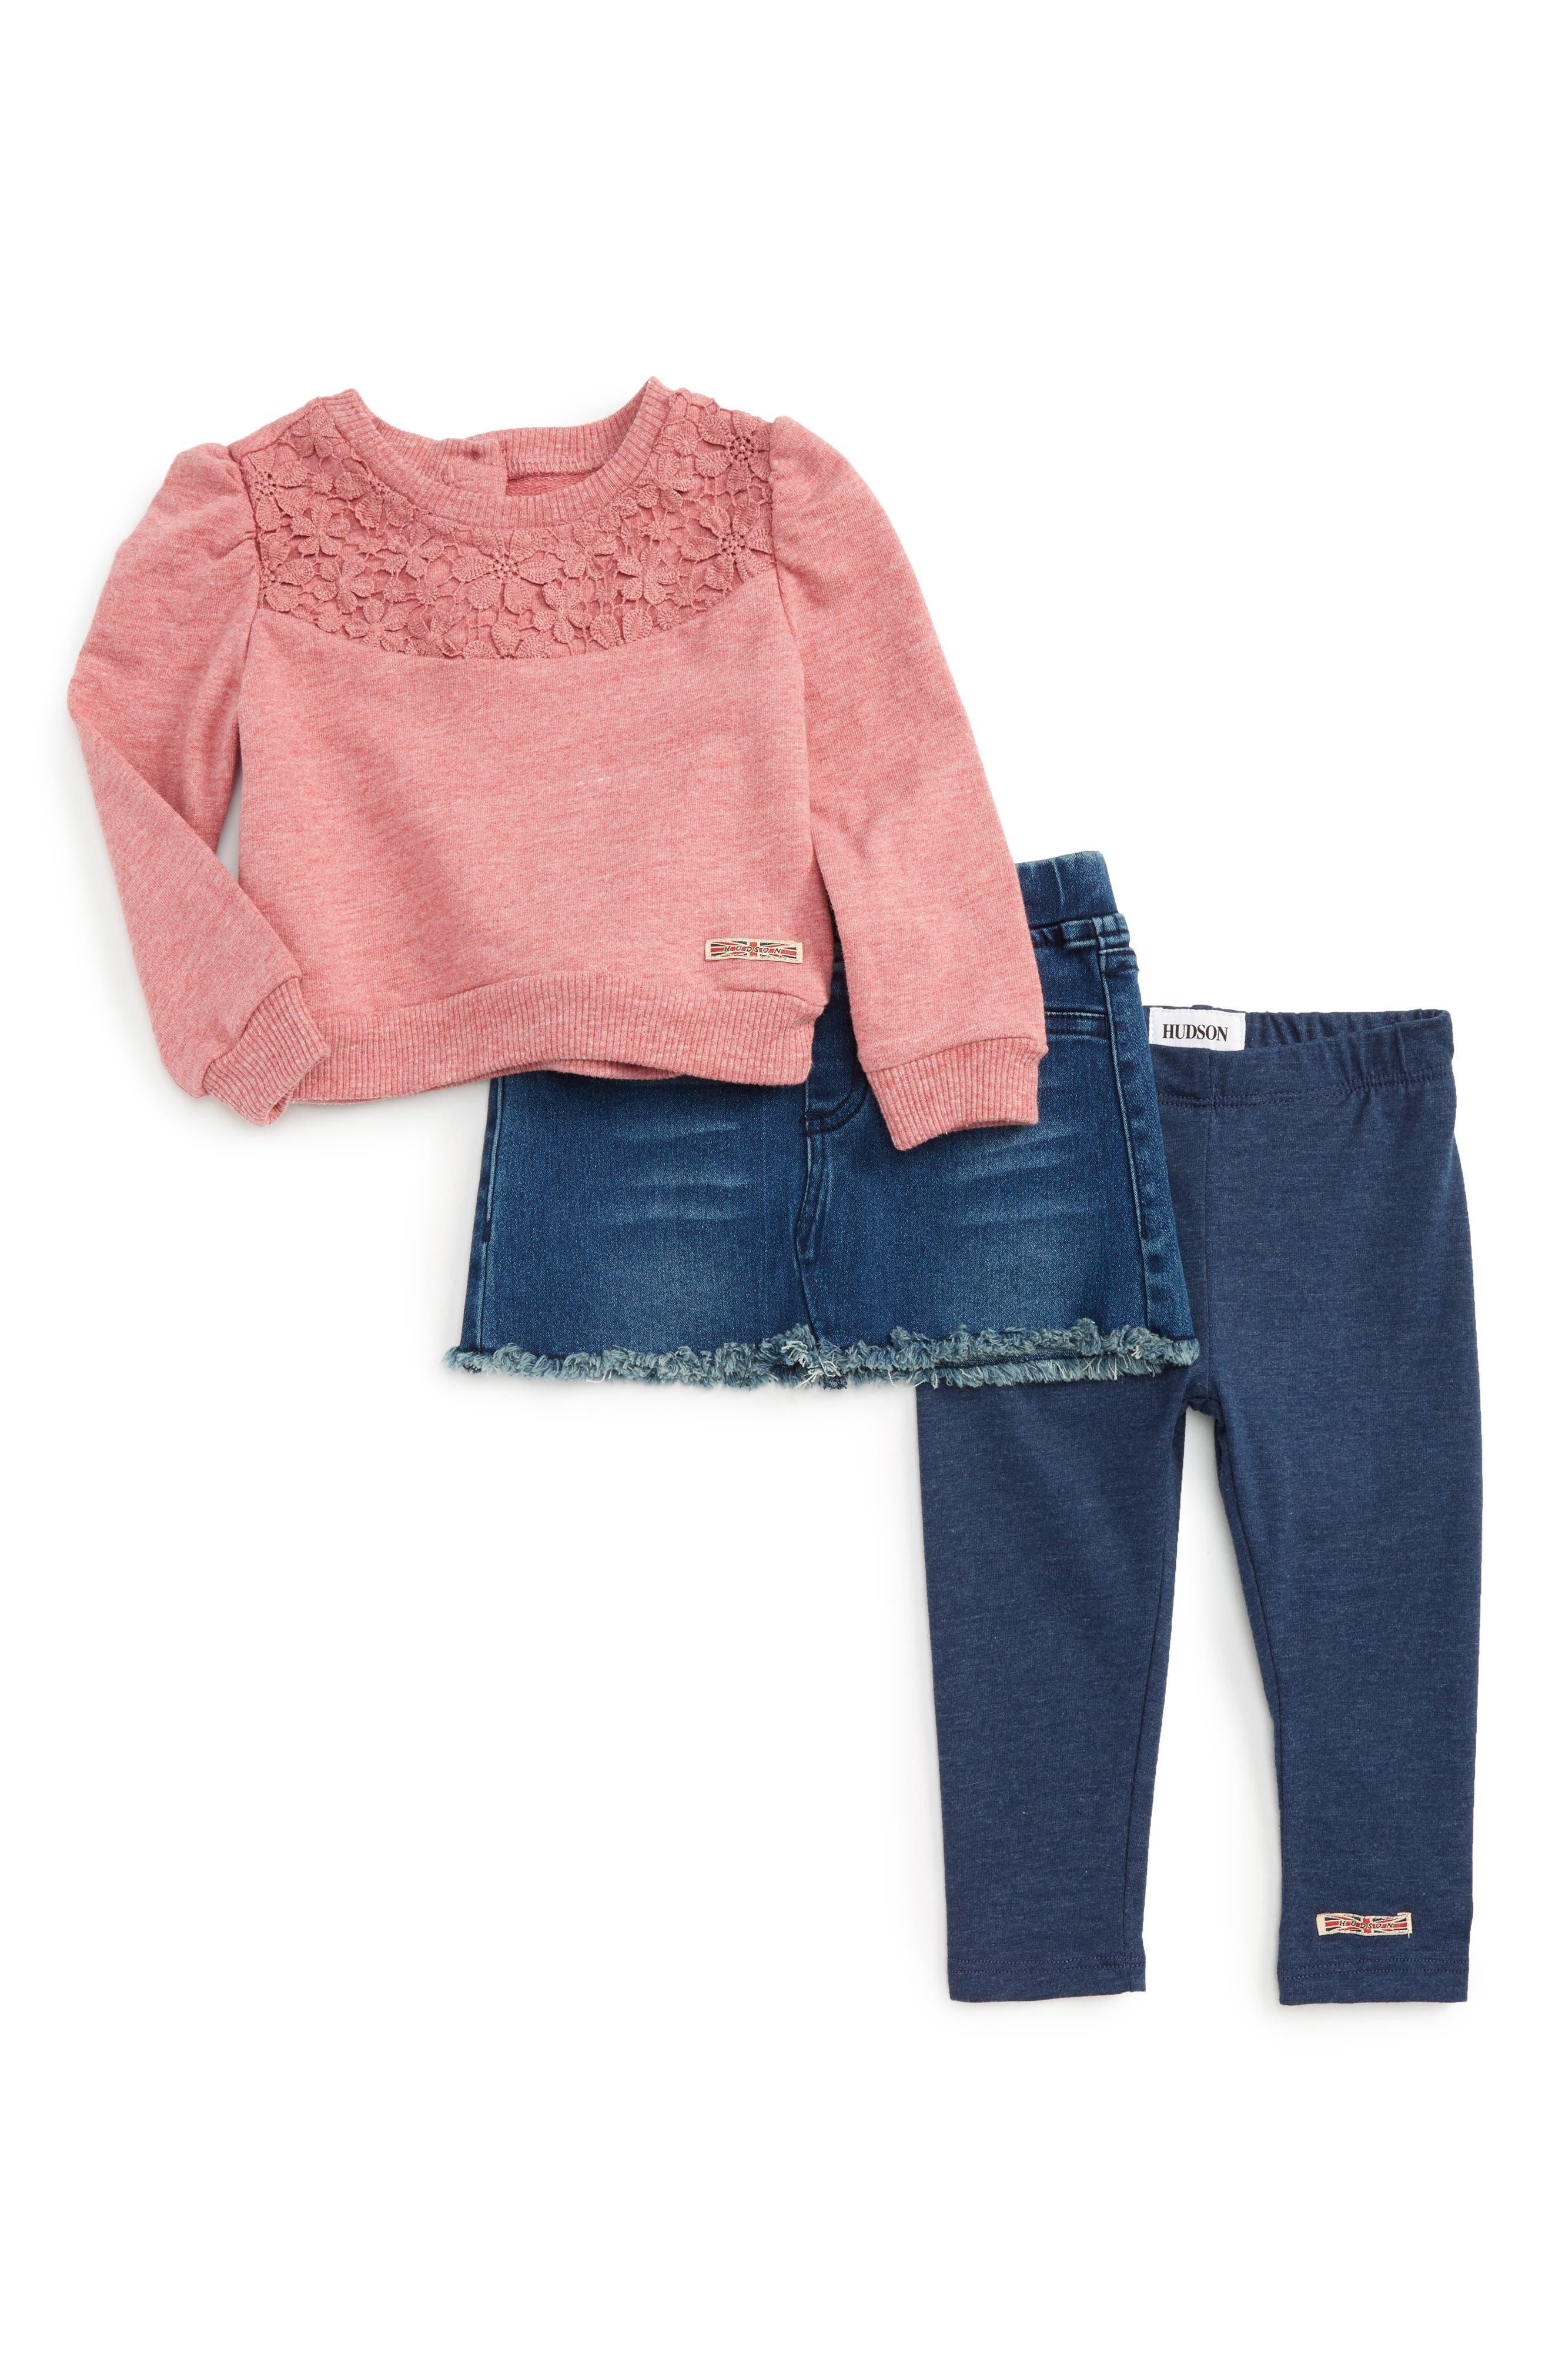 HUDSON KIDS Crochet Pullover, Denim Skirt & Leggings Set, Main, color, 430